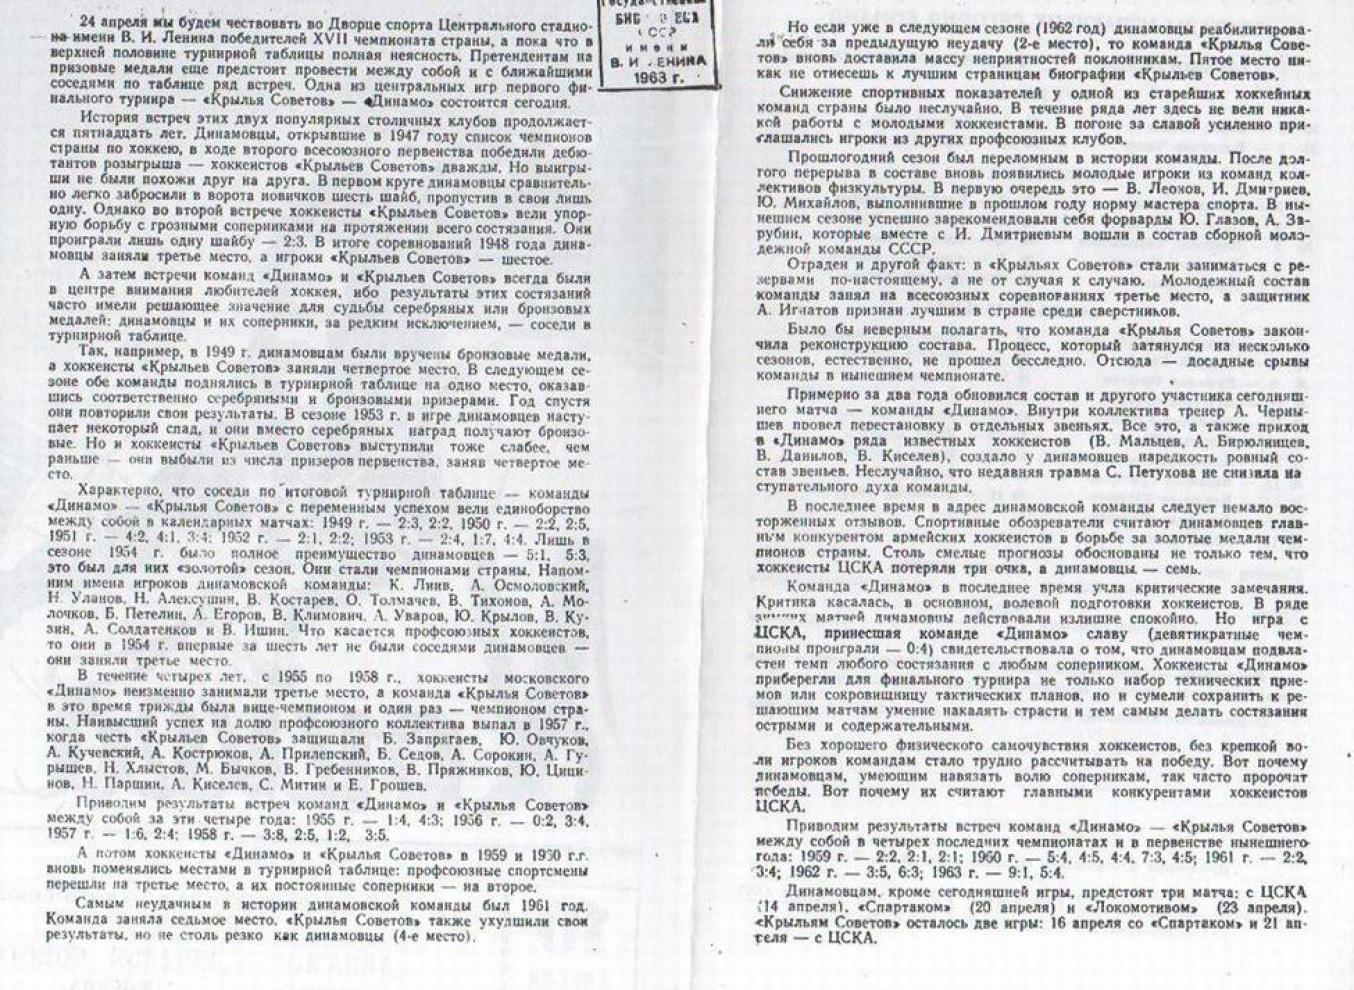 1963.04.10. Динамо - Крылья Советов (Чм. СССР)_02.png